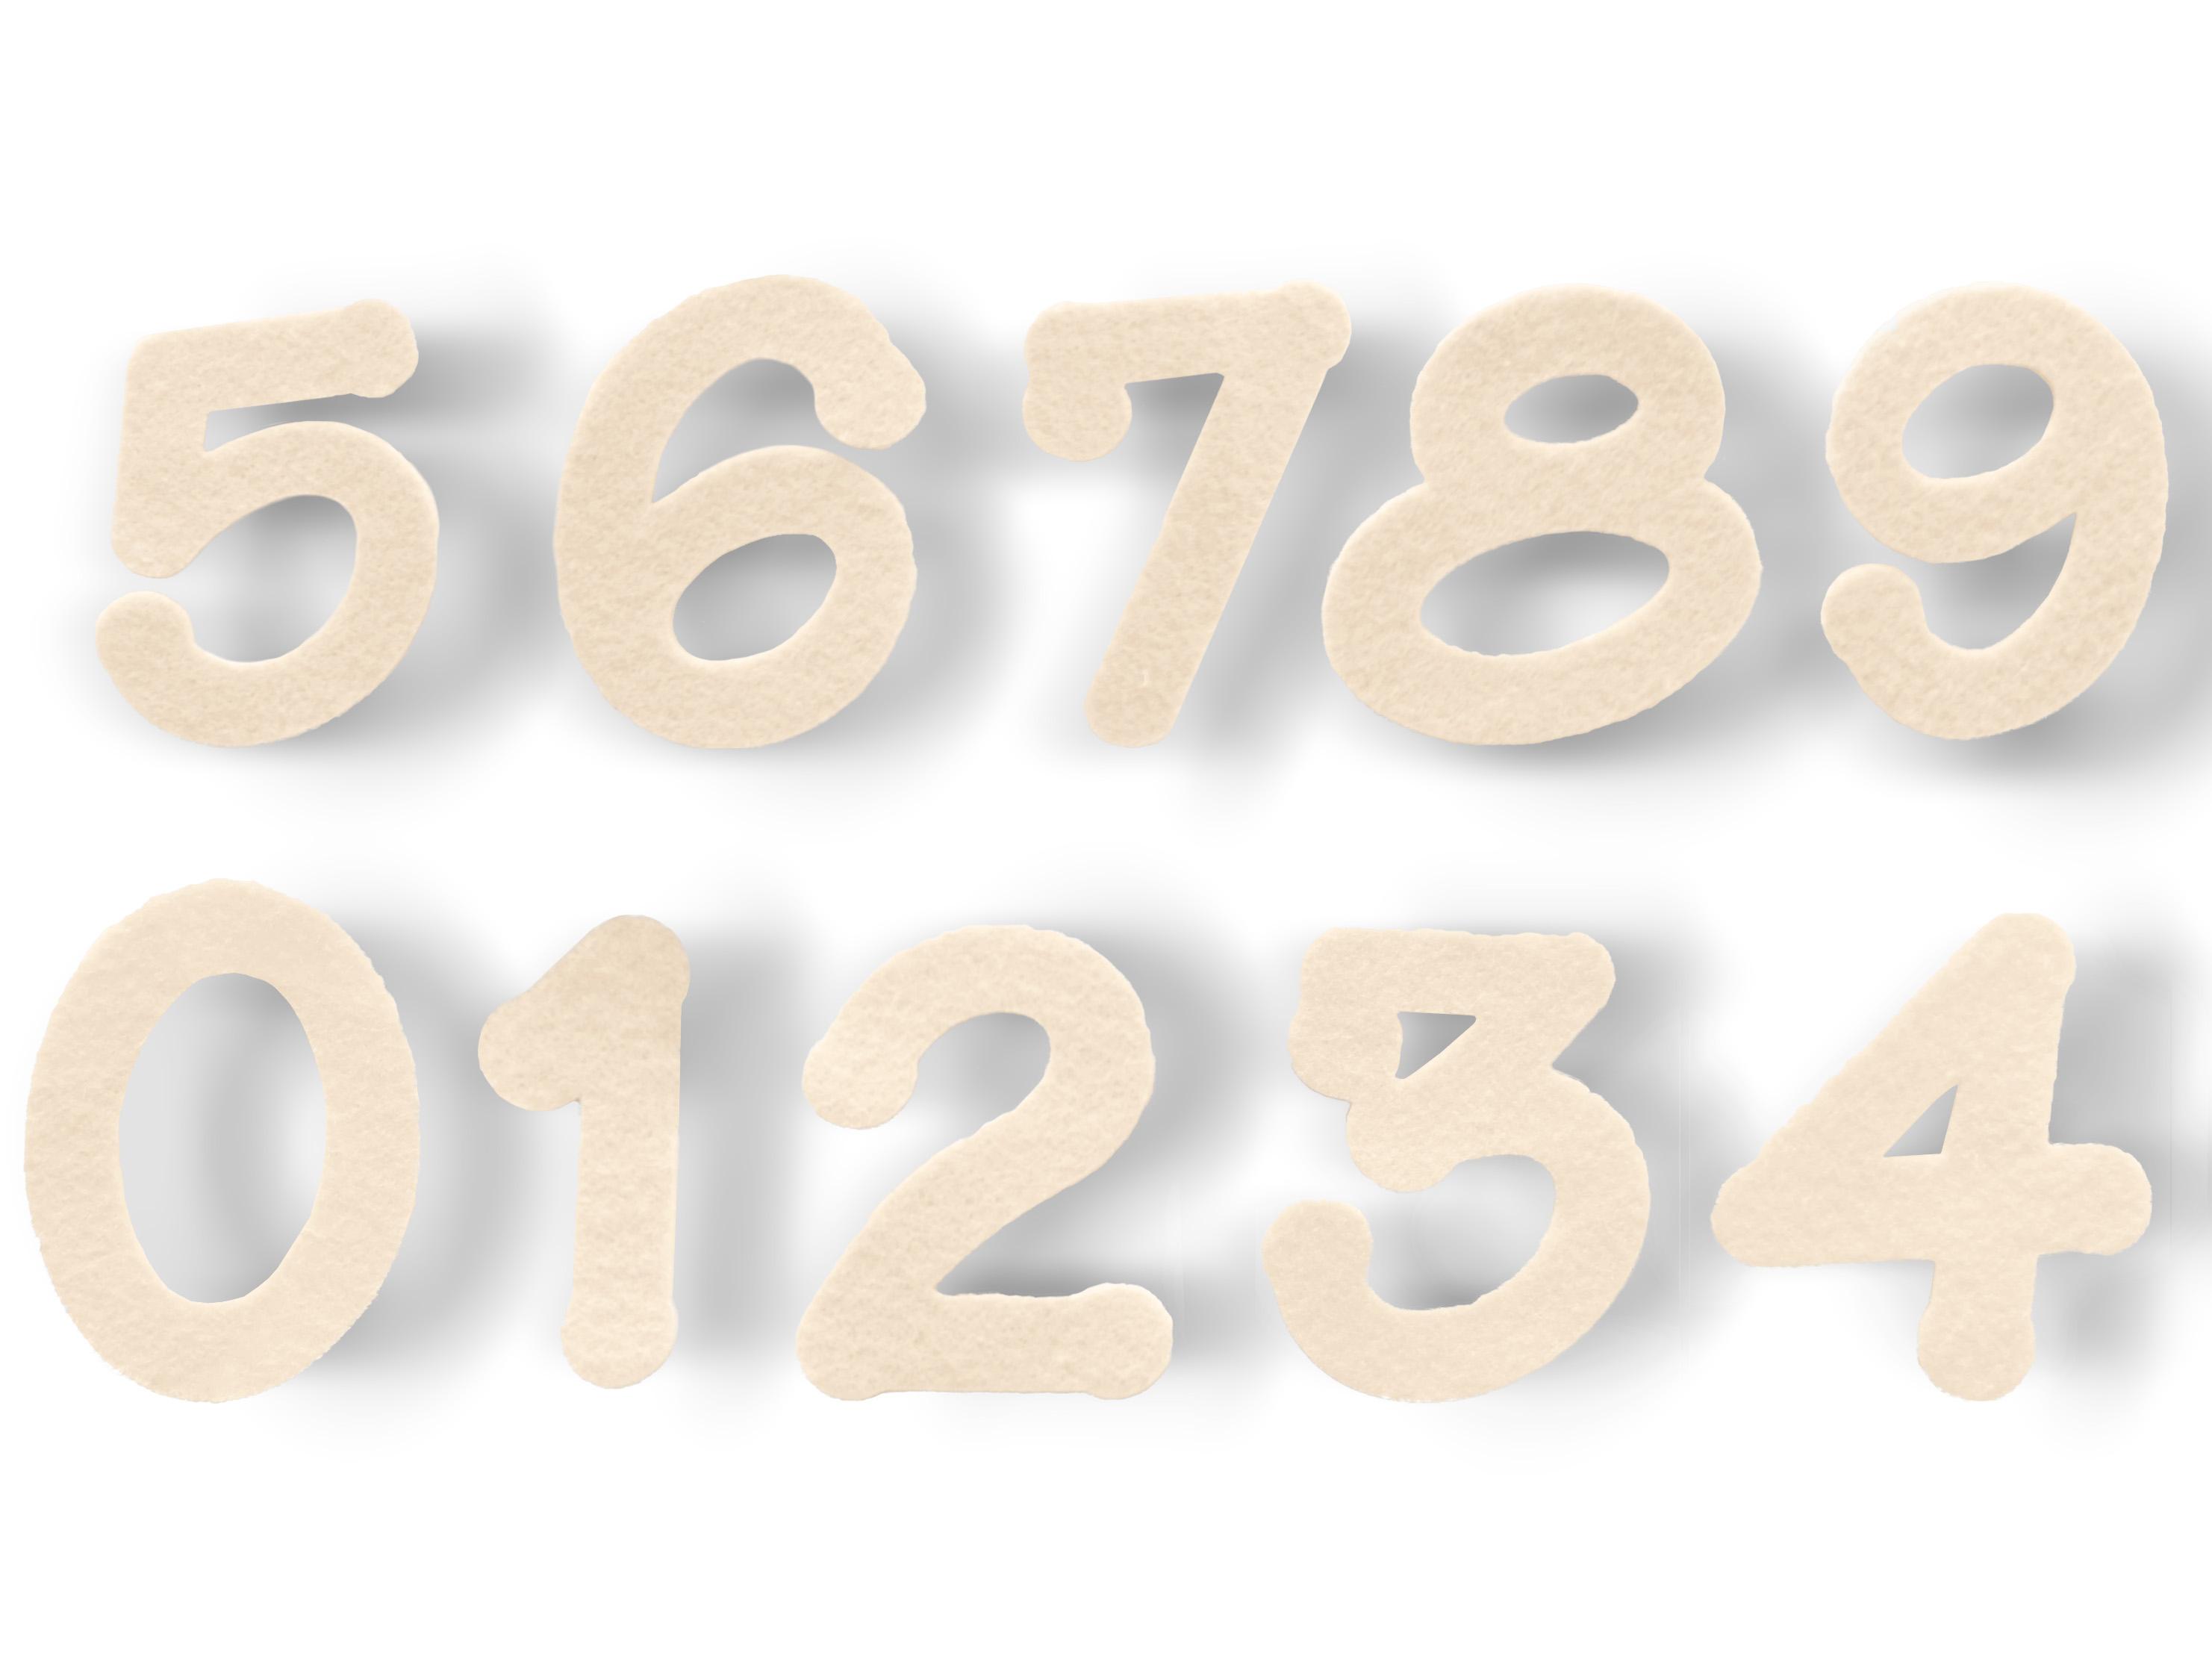 Stanzlinge Zahlen, 20 Stück